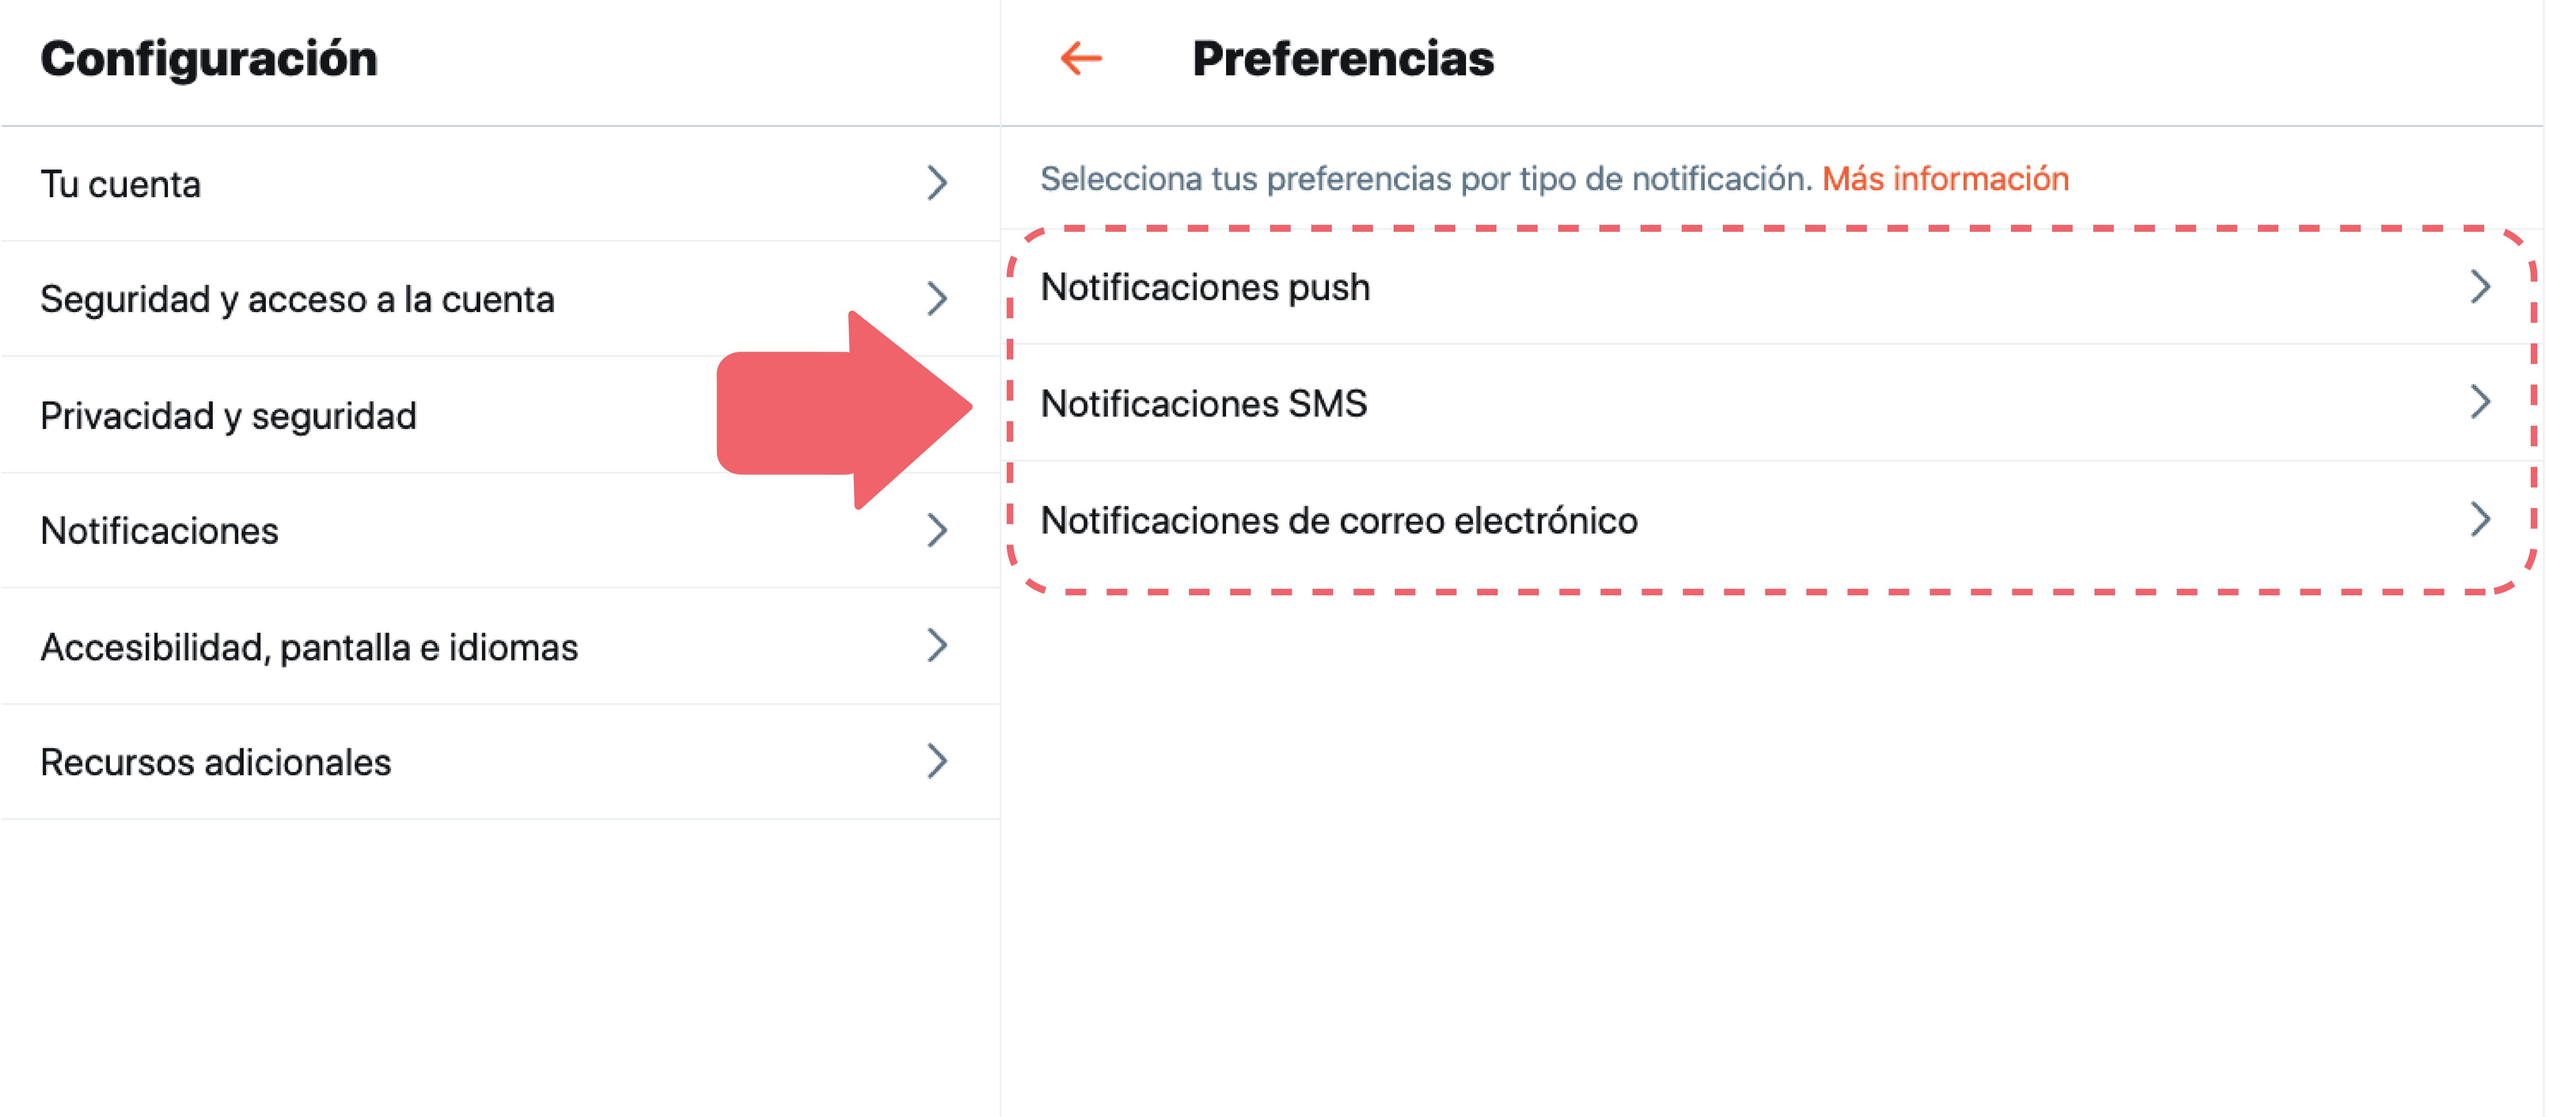 Recibe notificaciones push para enterarte de lo que está pasando cuando no estás en Twitter. Puedes desactivarlas cuando quieras.